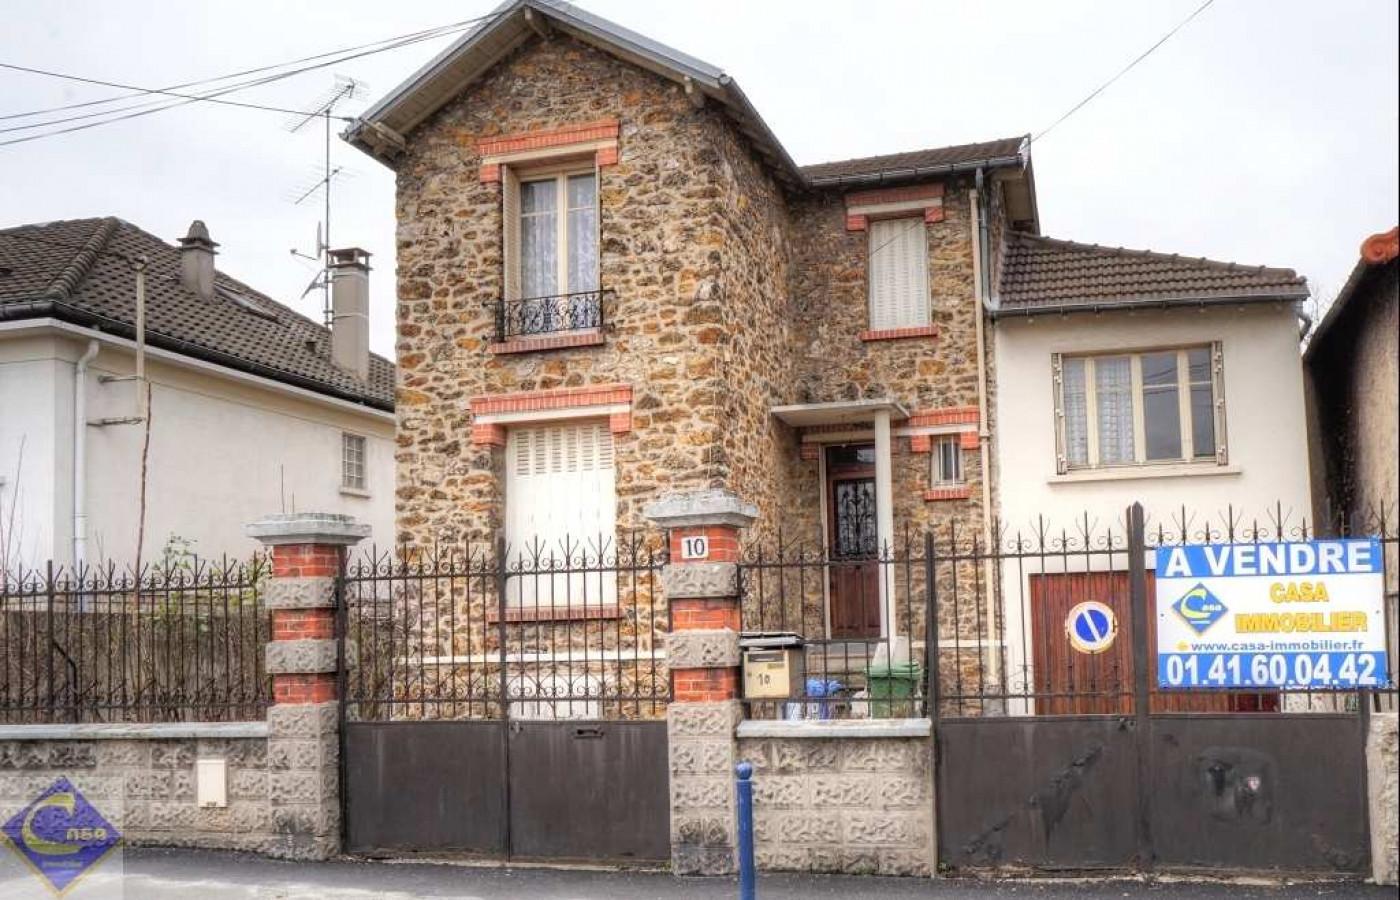 Maison en vente drancy r f 93001439 casa immobilier for Garage a drancy